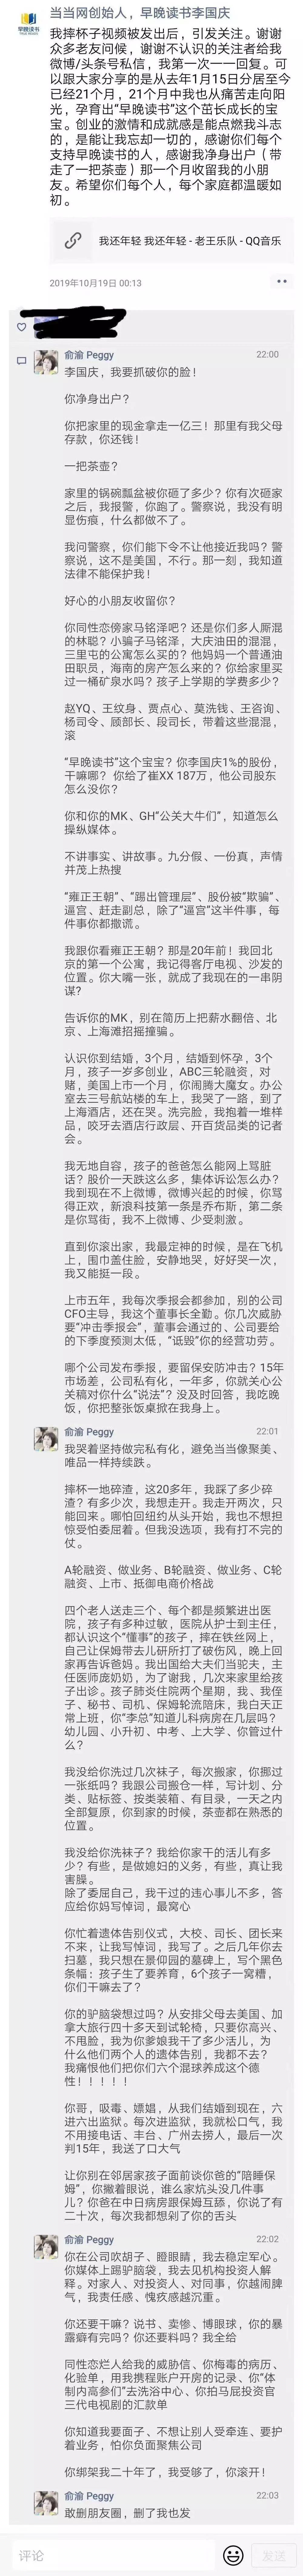 俞渝:李国庆父亲行为不端 哥哥吸毒嫖娼进监狱